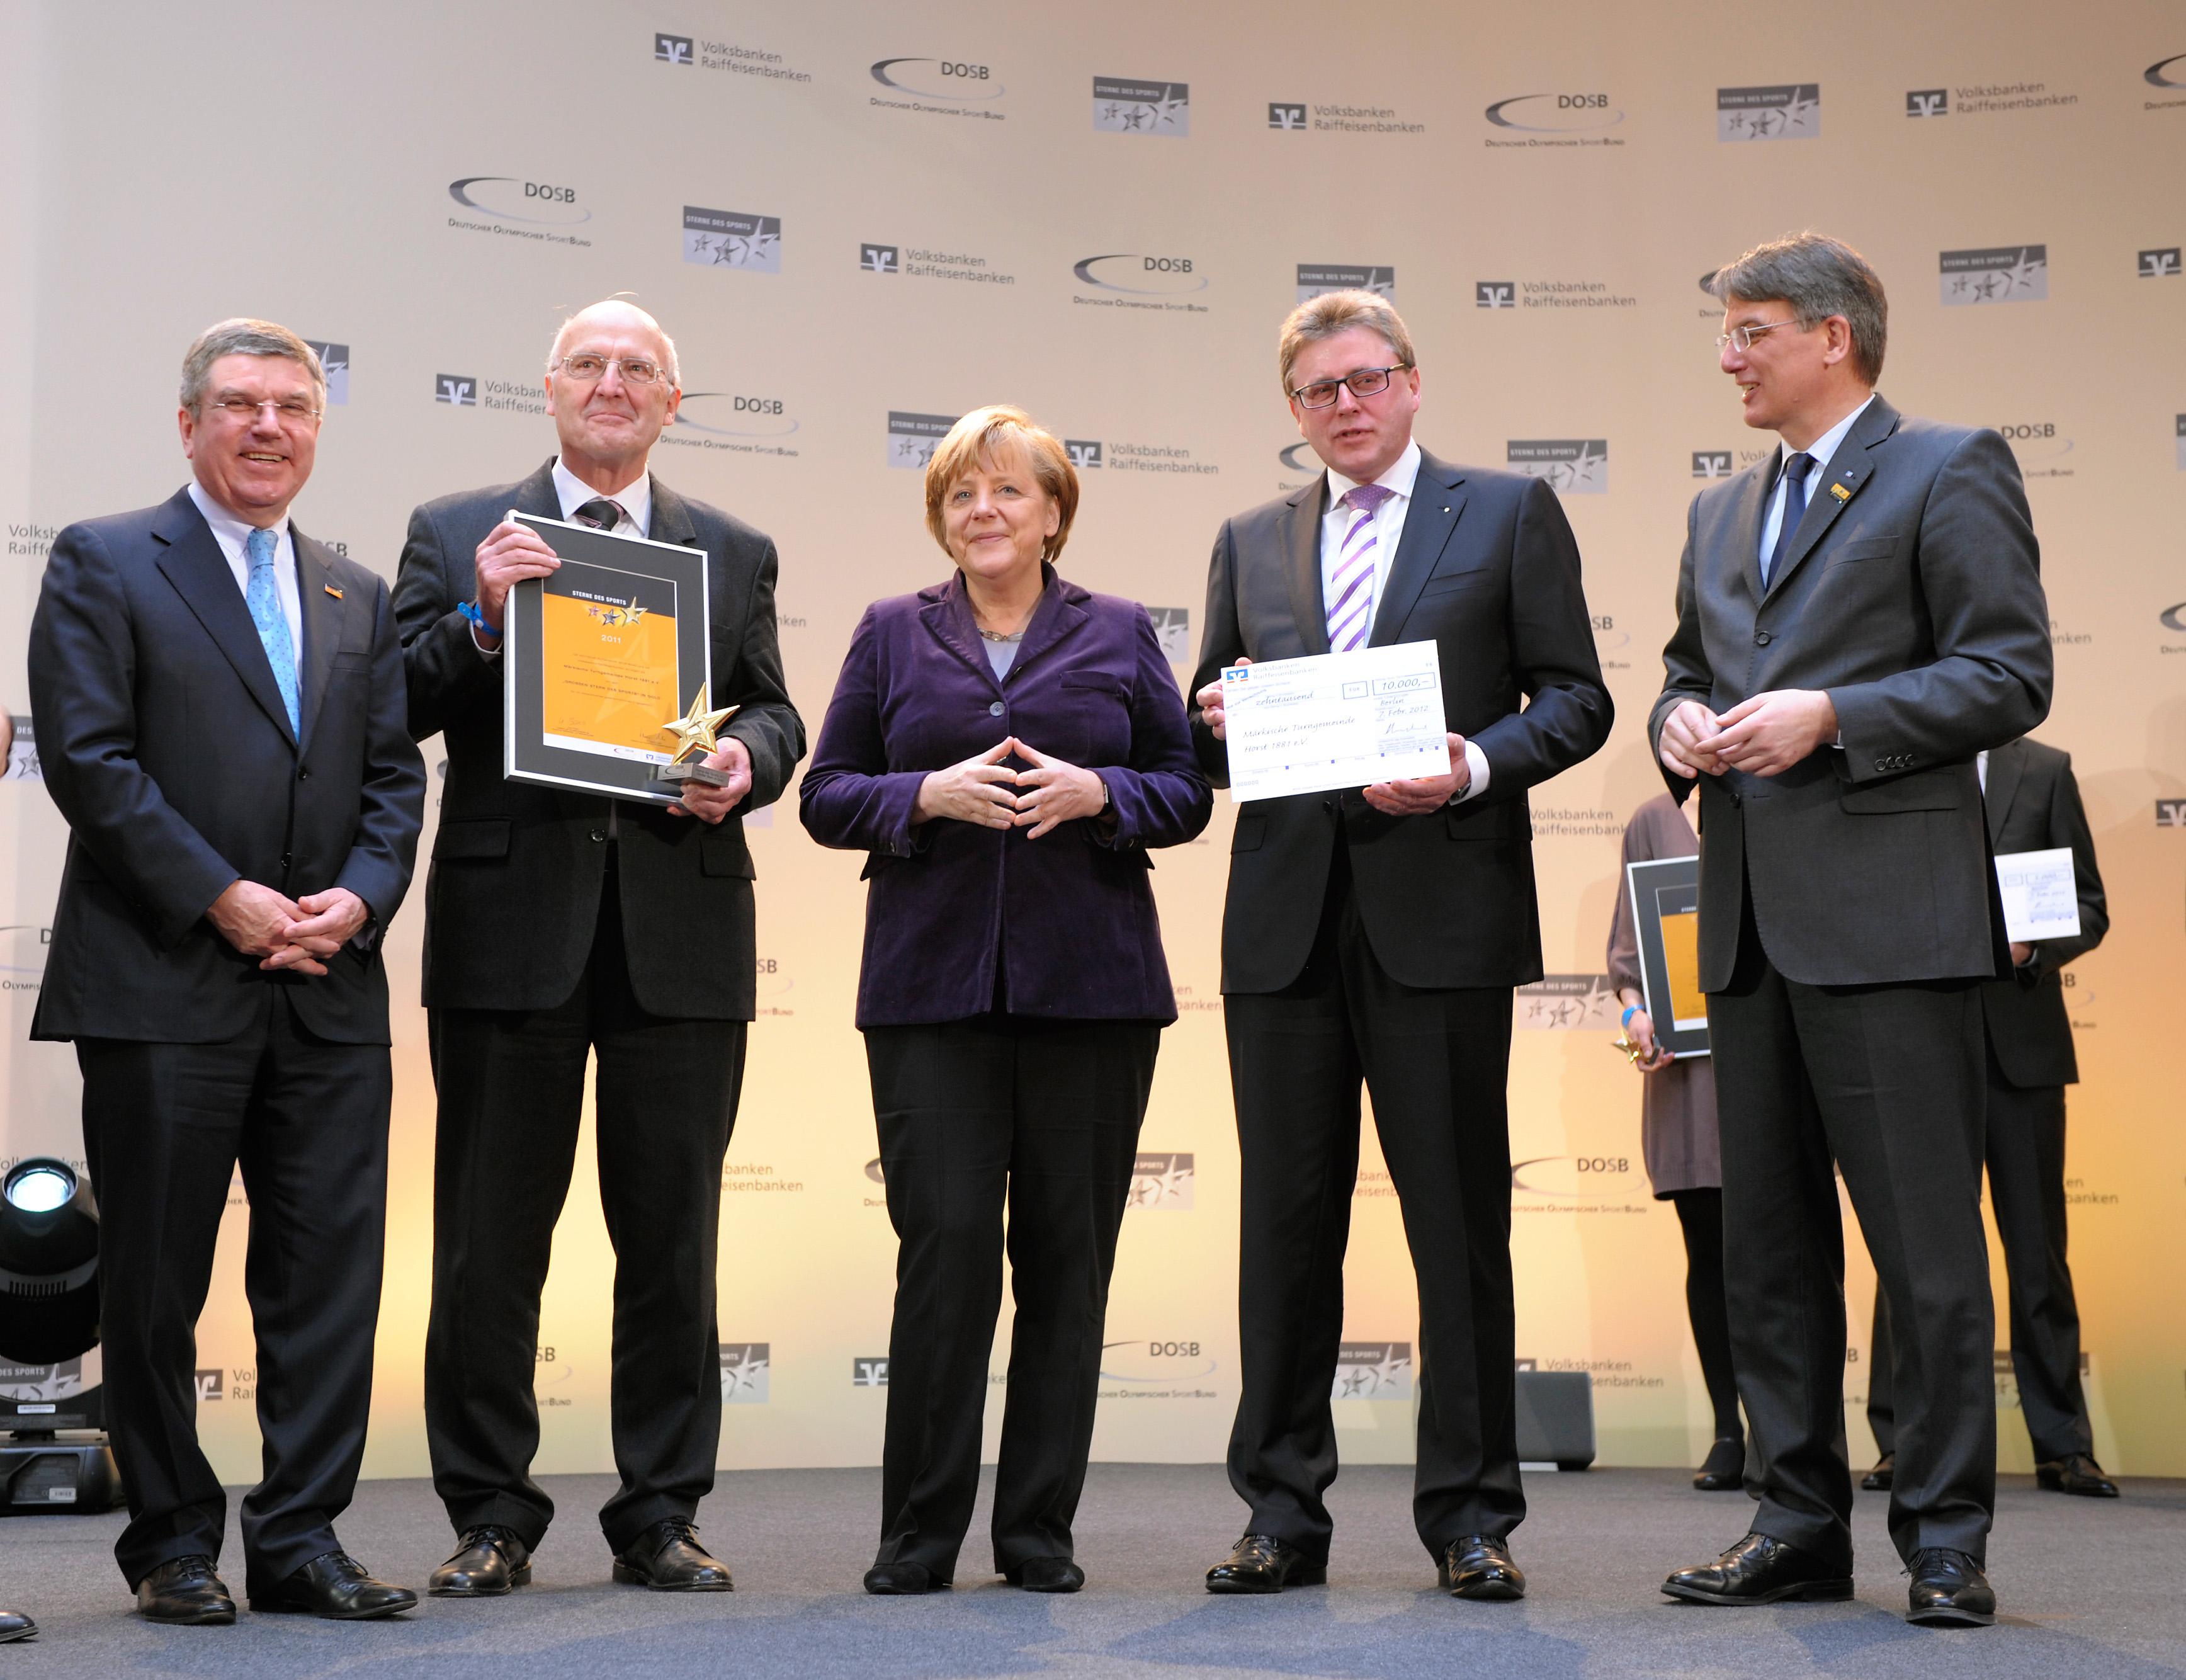 v.l. DOSB-Präsident Thomas Bach, Gerhard Kämpkes (Vereinsvorsitzender MTG Horst), Bundeskanzlerin Angela Merkel, Heinz-Georg Anschott (Vorstandsvorsitzender GENO BANK ESSEN eG) und BVR-Präsident Uwe Fröhlich